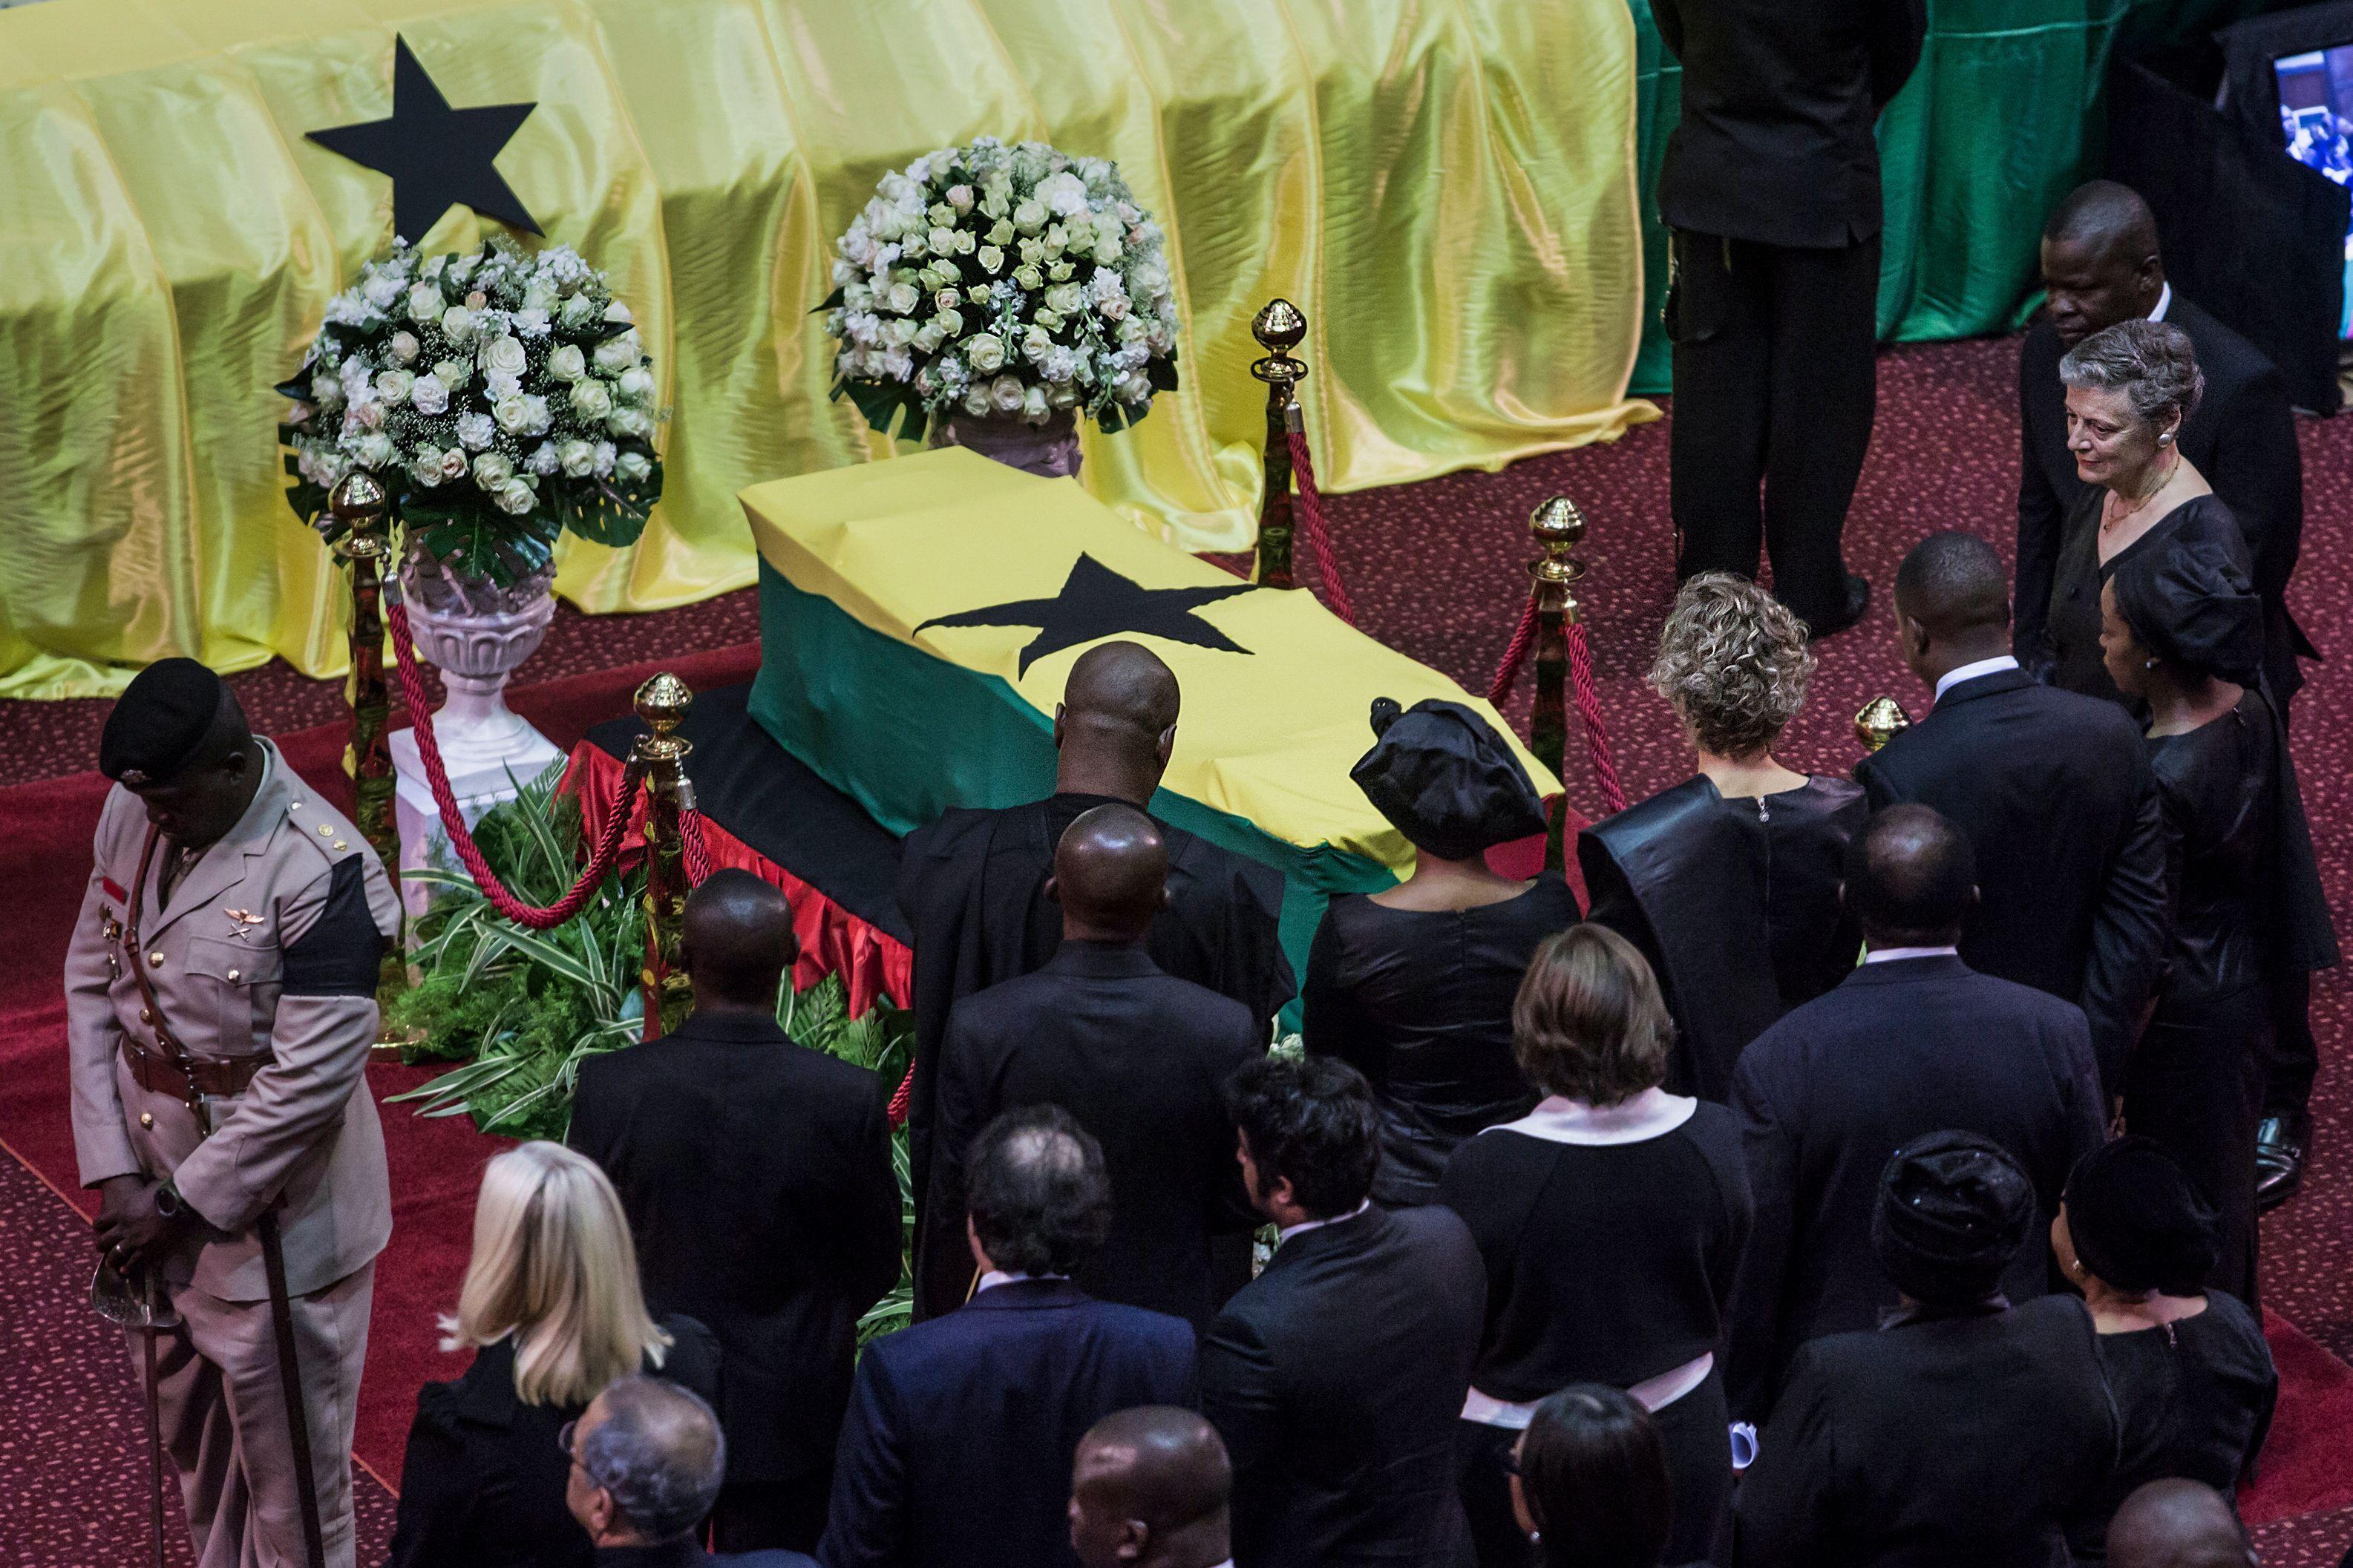 المواطنون الغانيون وشخصيات أخرى يلقون نظرة الوداع على جثمان  عنان